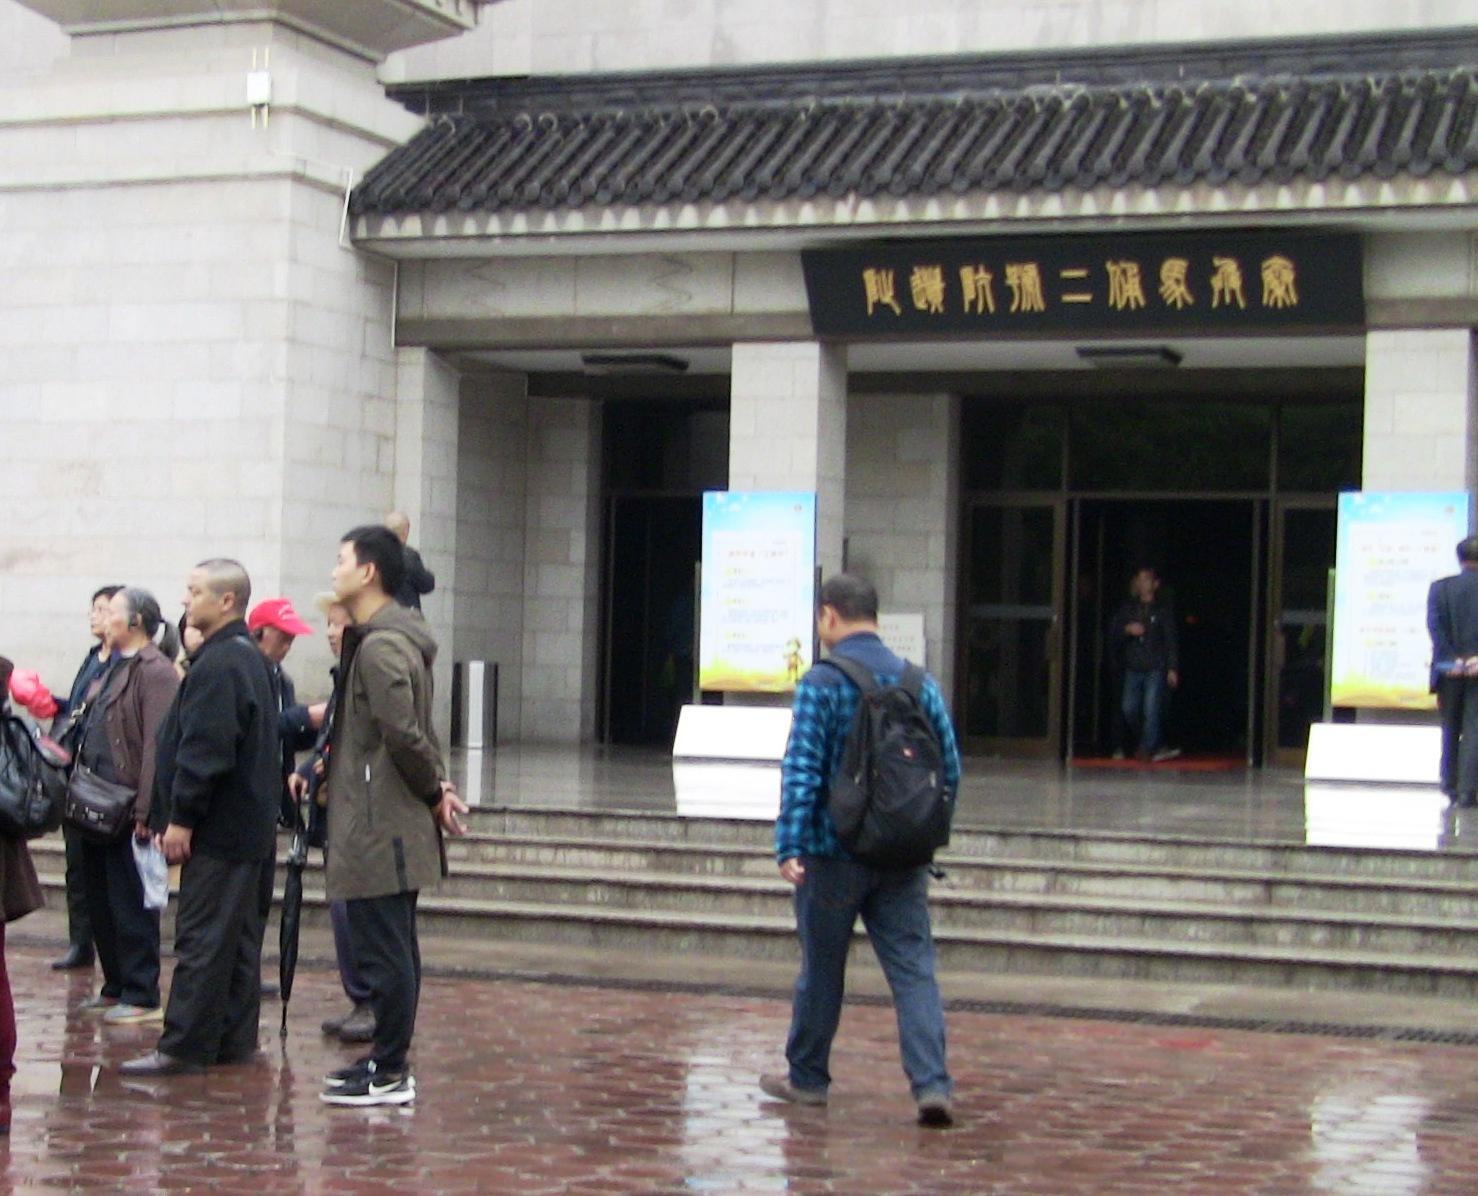 『 北京空港で乗り継ぎ(トランジット)して西安の兵馬俑に行ってみた 』 ..入り口の奥が出口になっていて、二号兵馬俑坑へと続きます。..